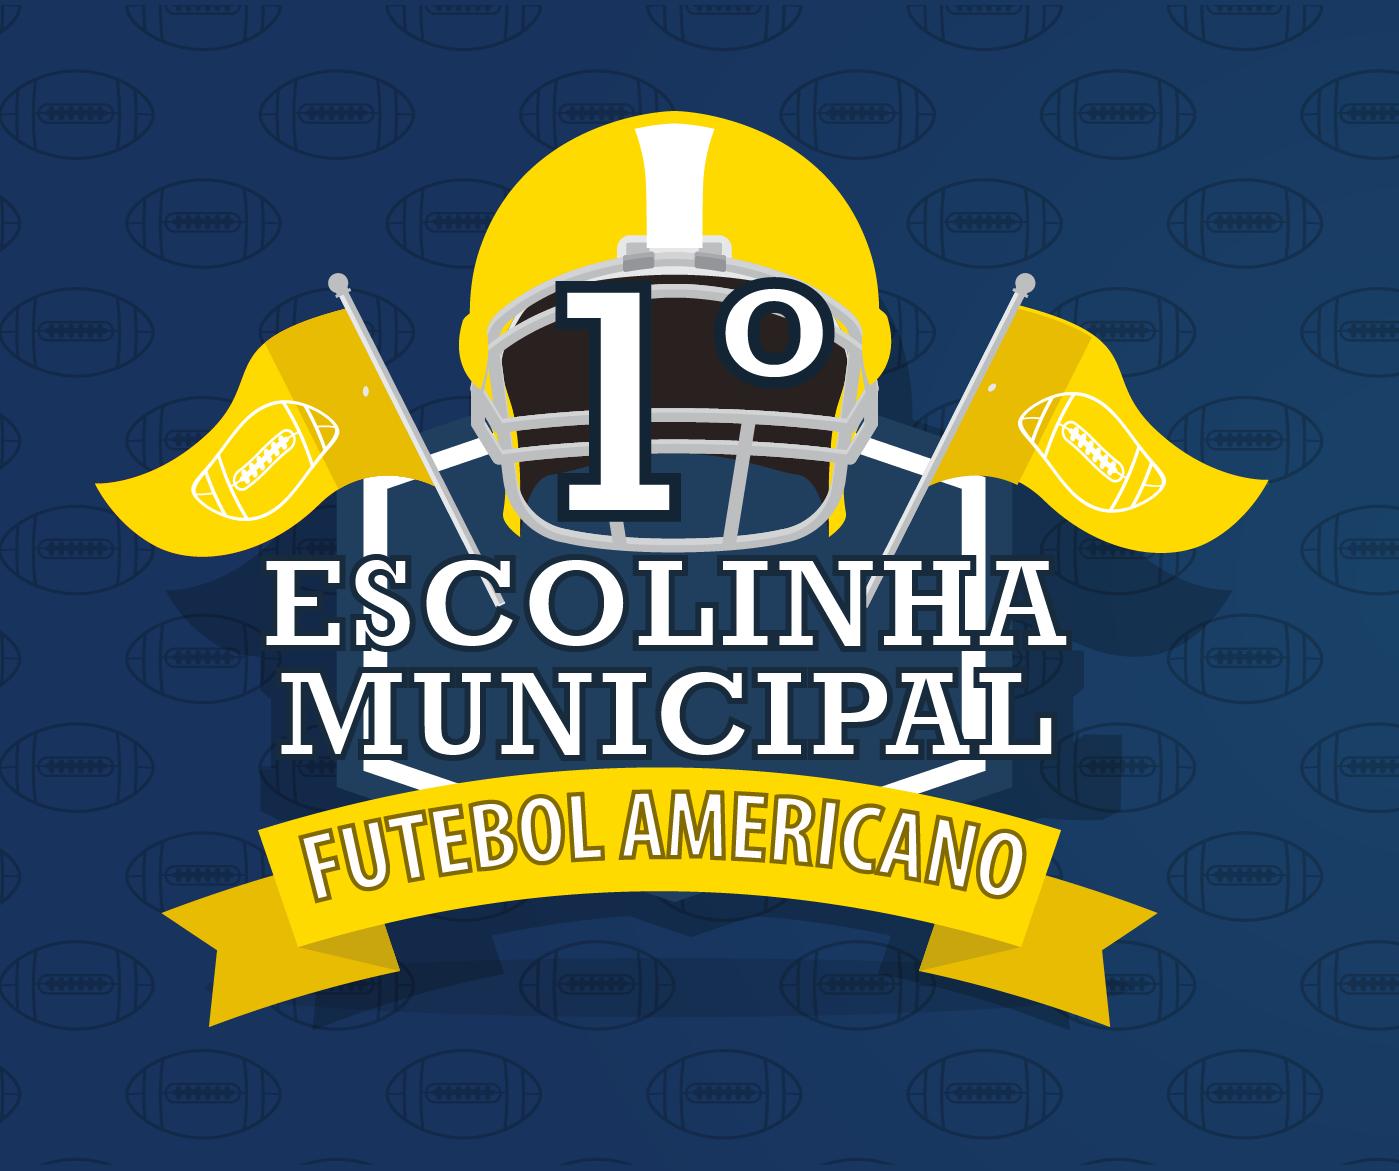 Logo da escola: uma arte com fundo azul, um capacete e bandeirinhas amarelas. Nela está escrito Primeira Escola de Futebol Americano.